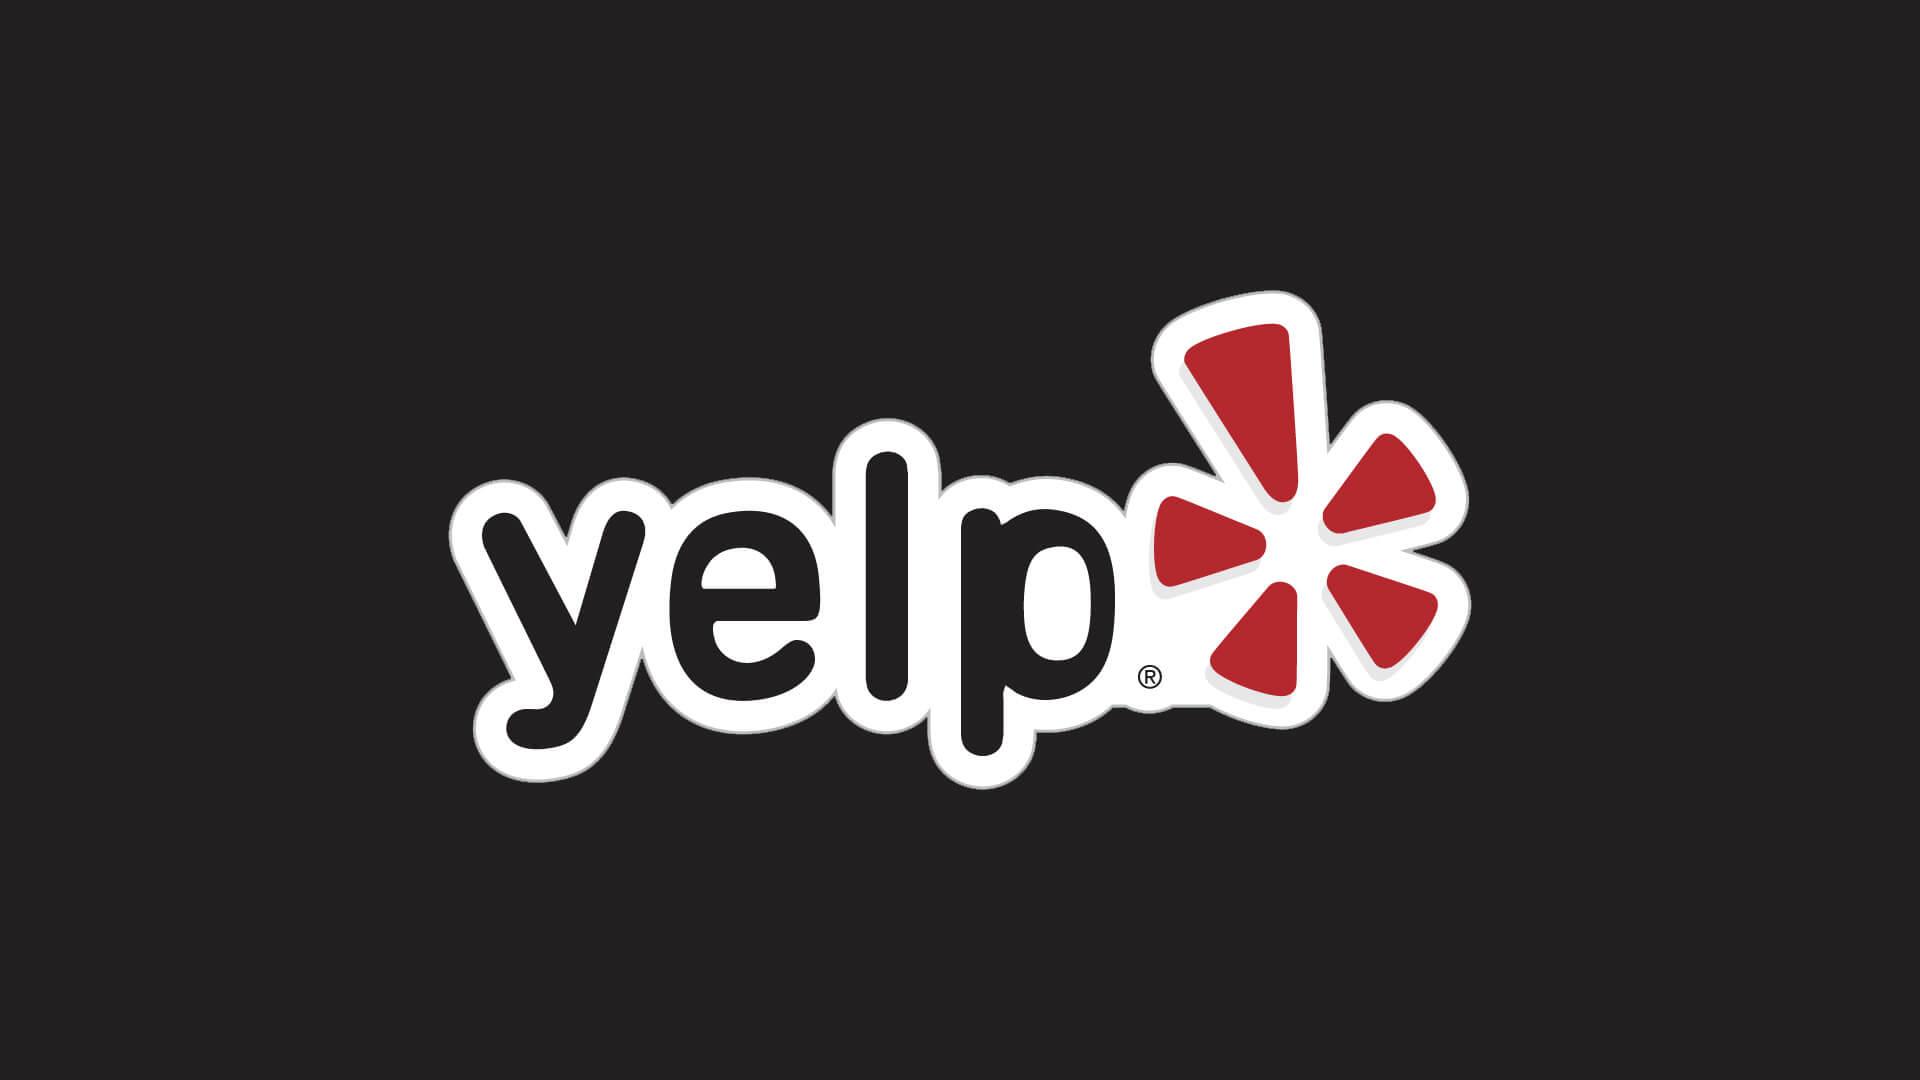 Yelp ofrece herramientas de reapertura COVID mejoradas para negocios y restaurantes locales